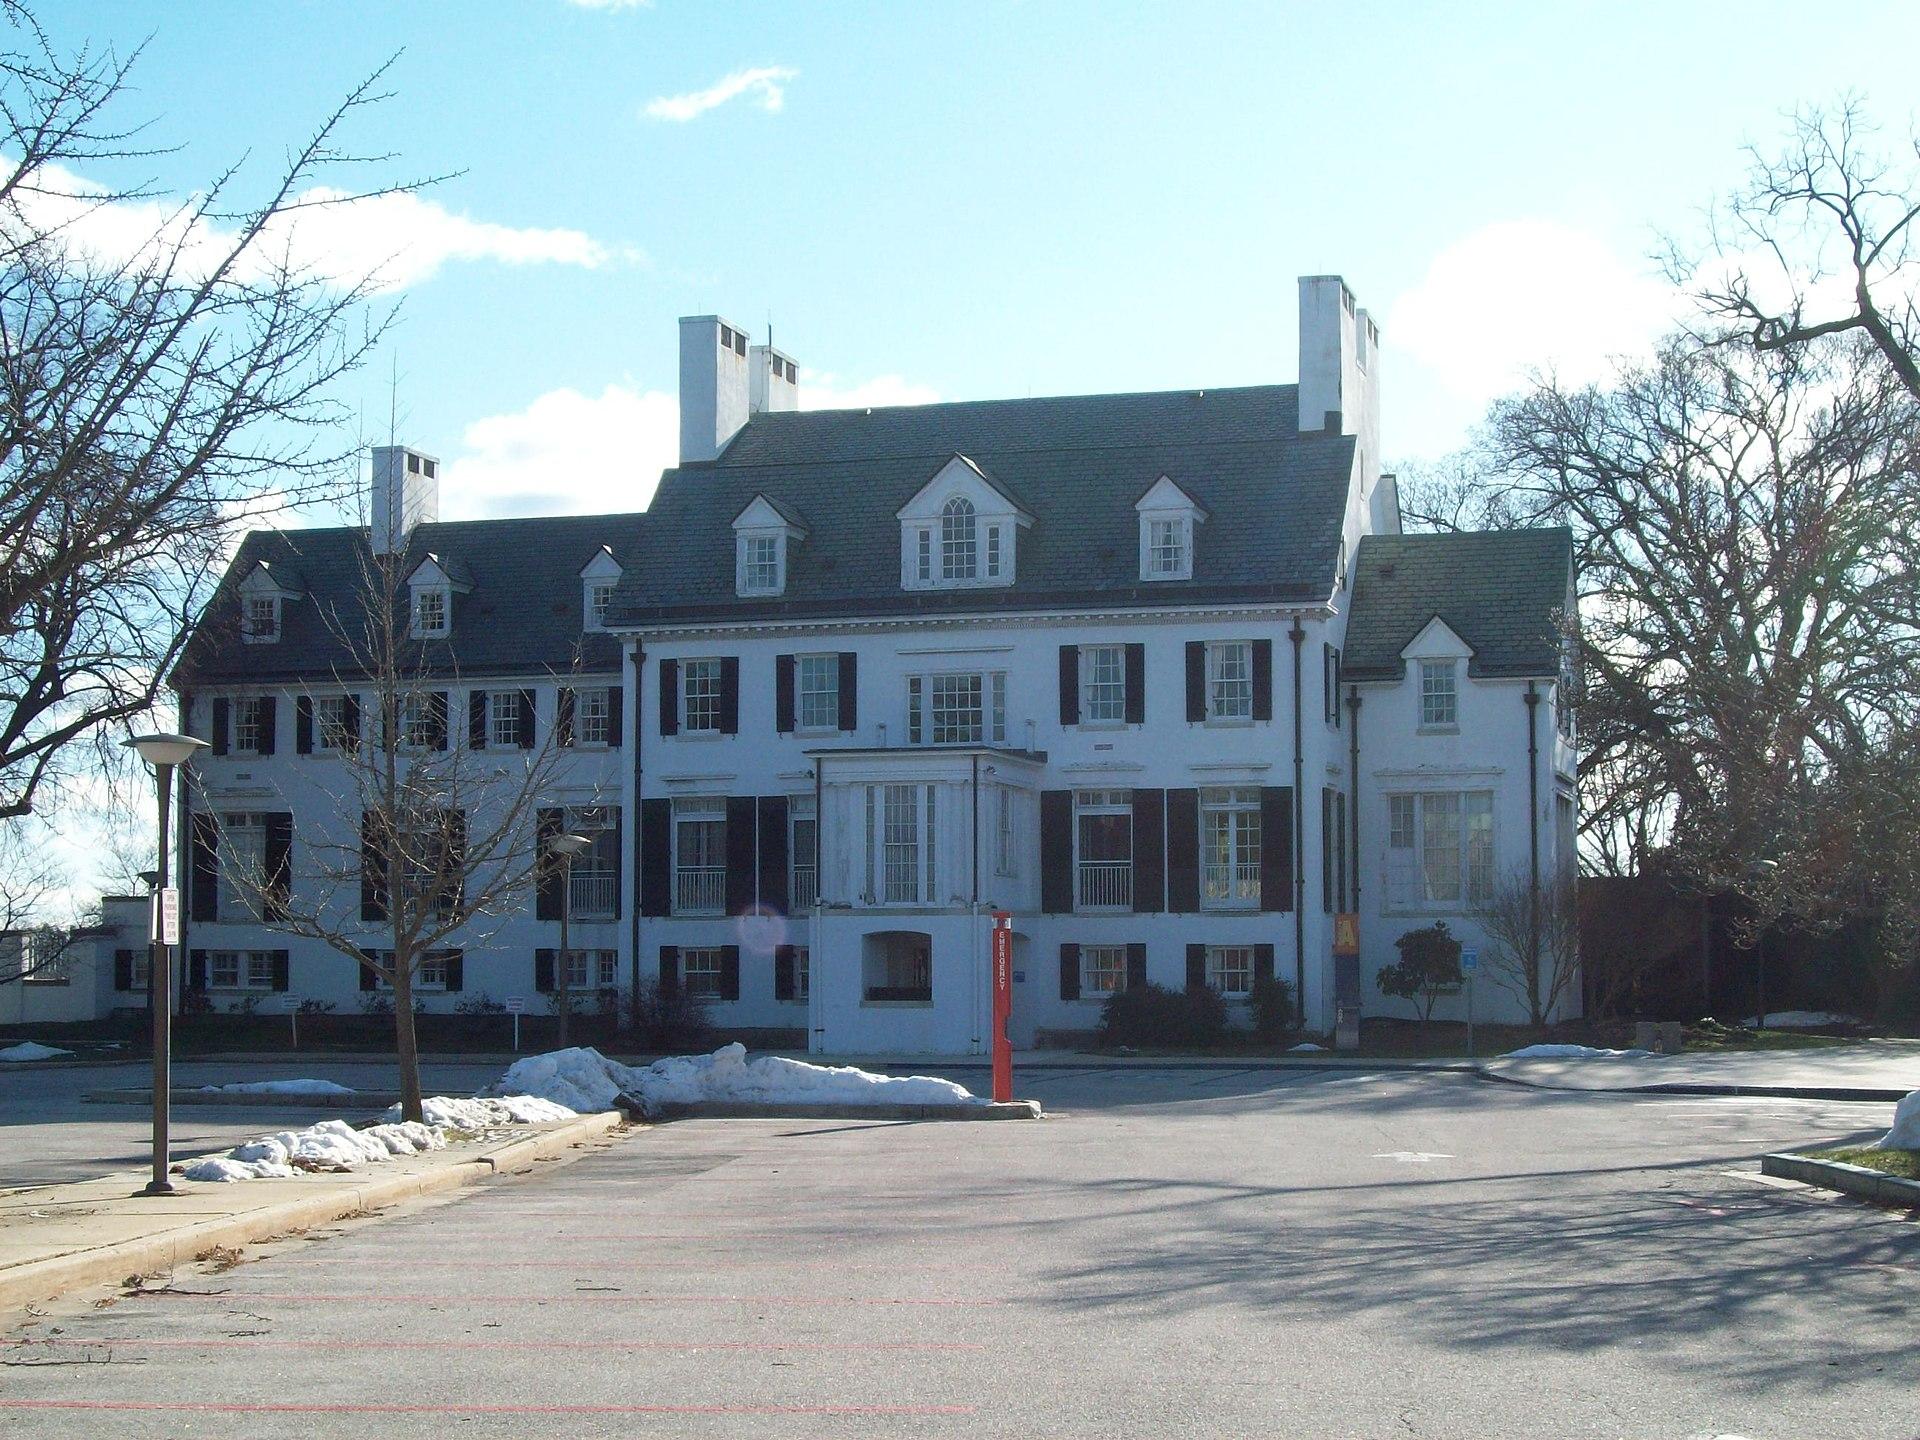 Hilton Catonsville Maryland Wikipedia